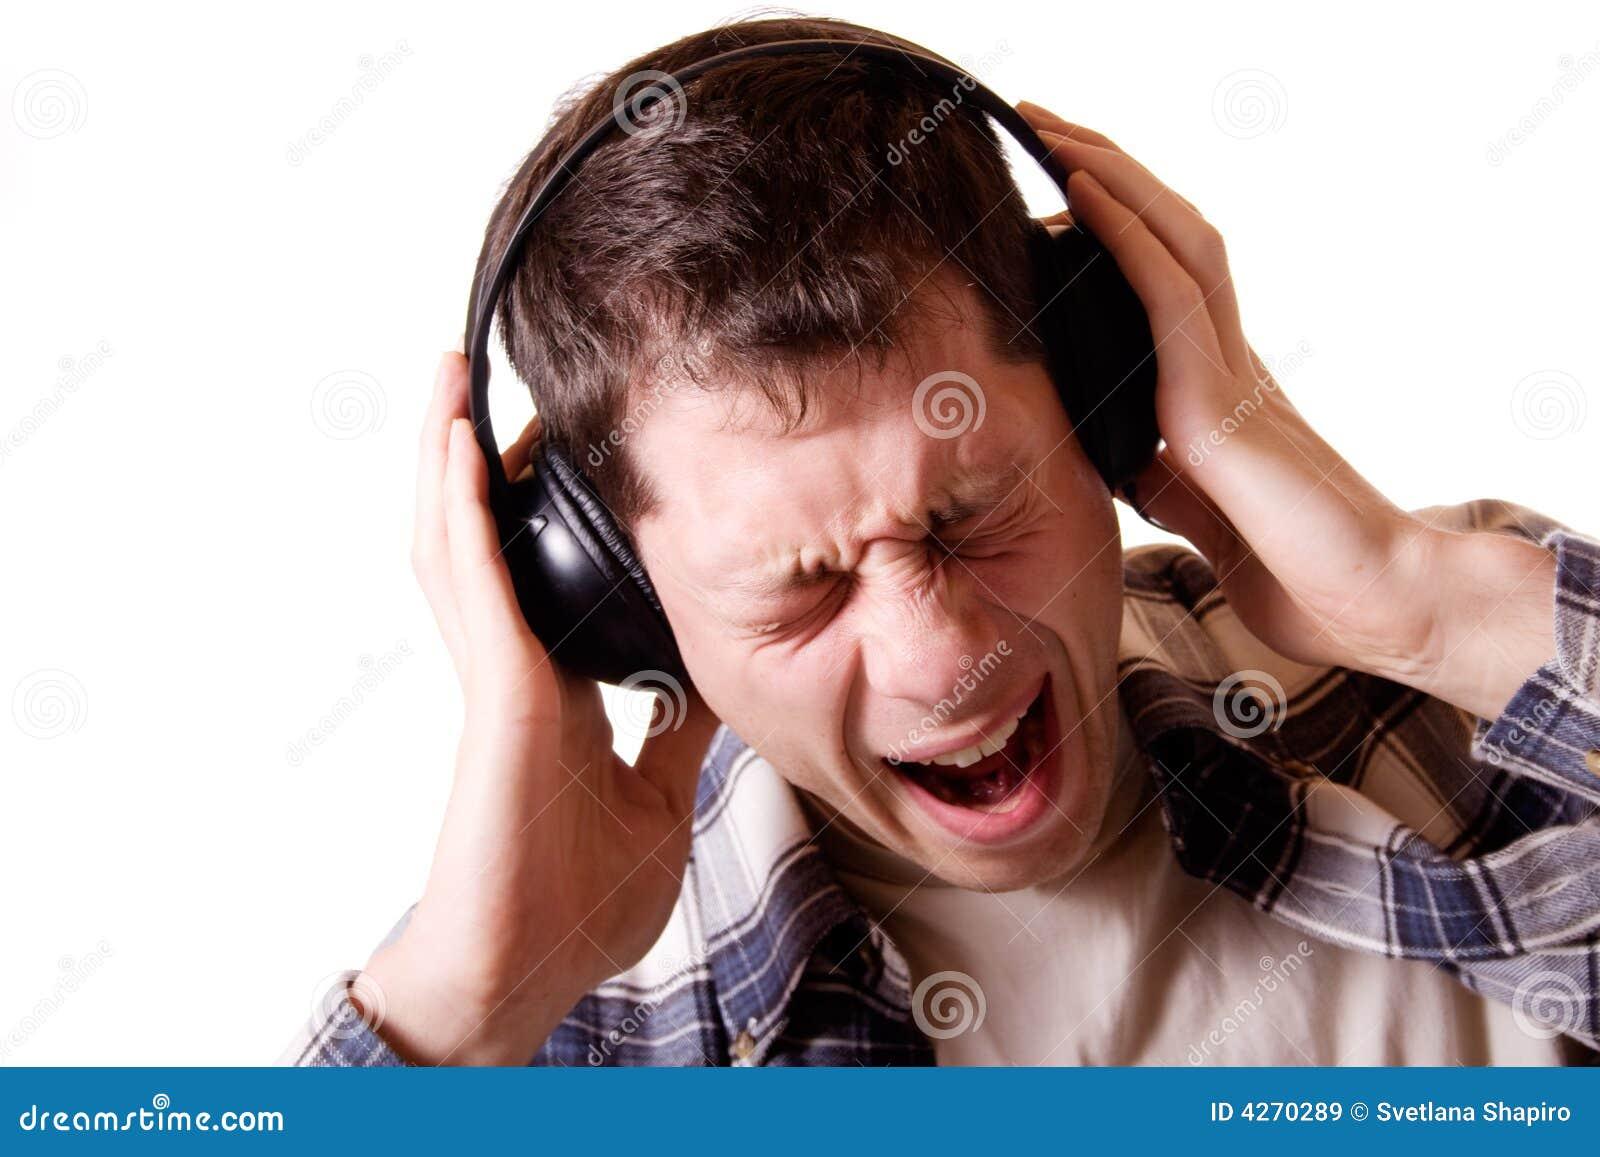 Что будет если громко слушать музыку 8 фотография